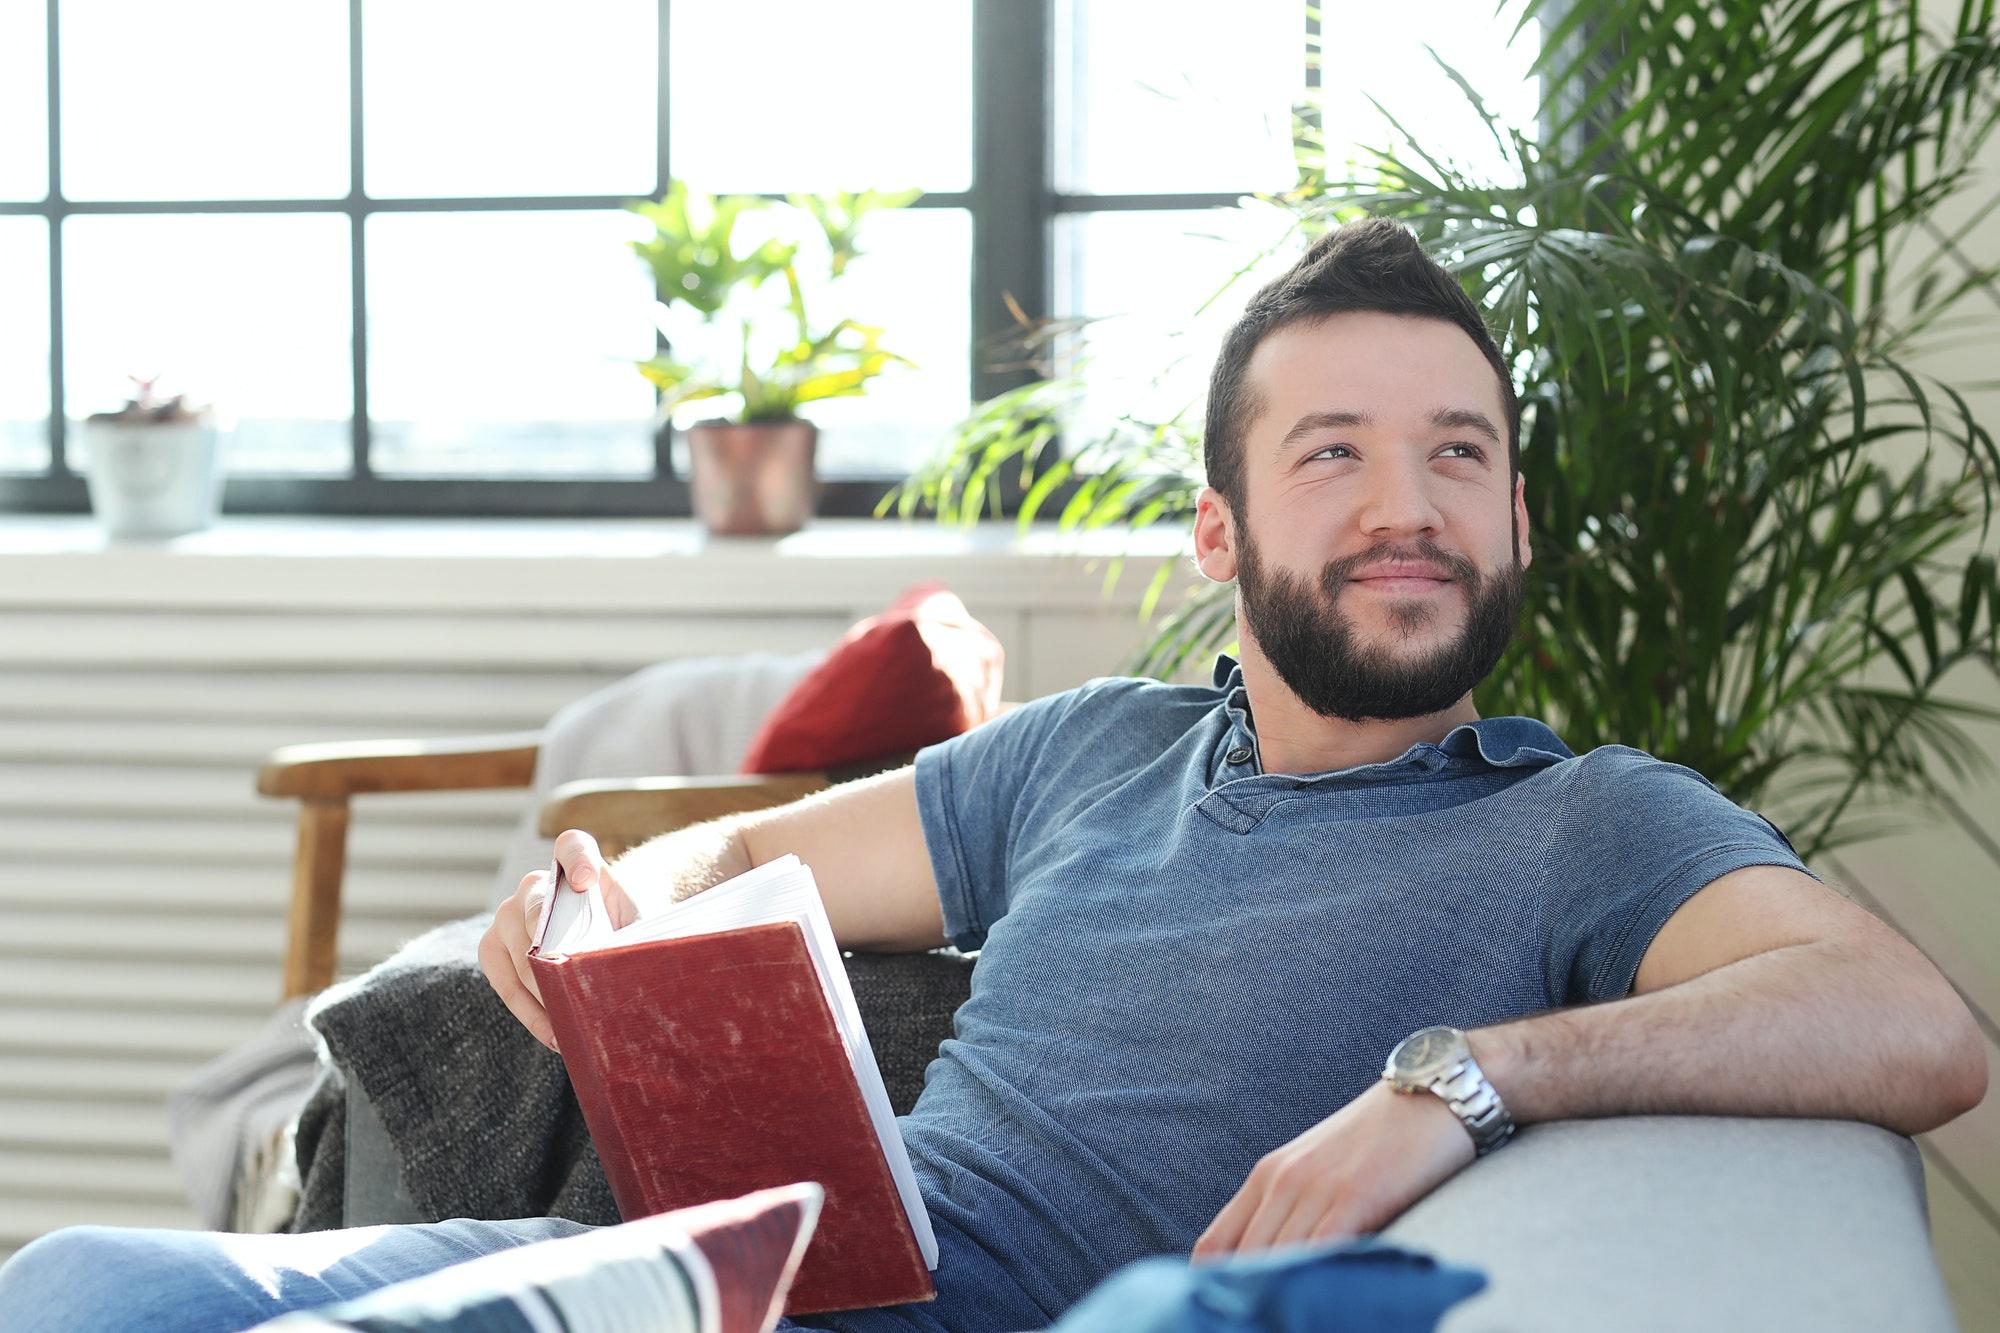 homme souriant lit un livre